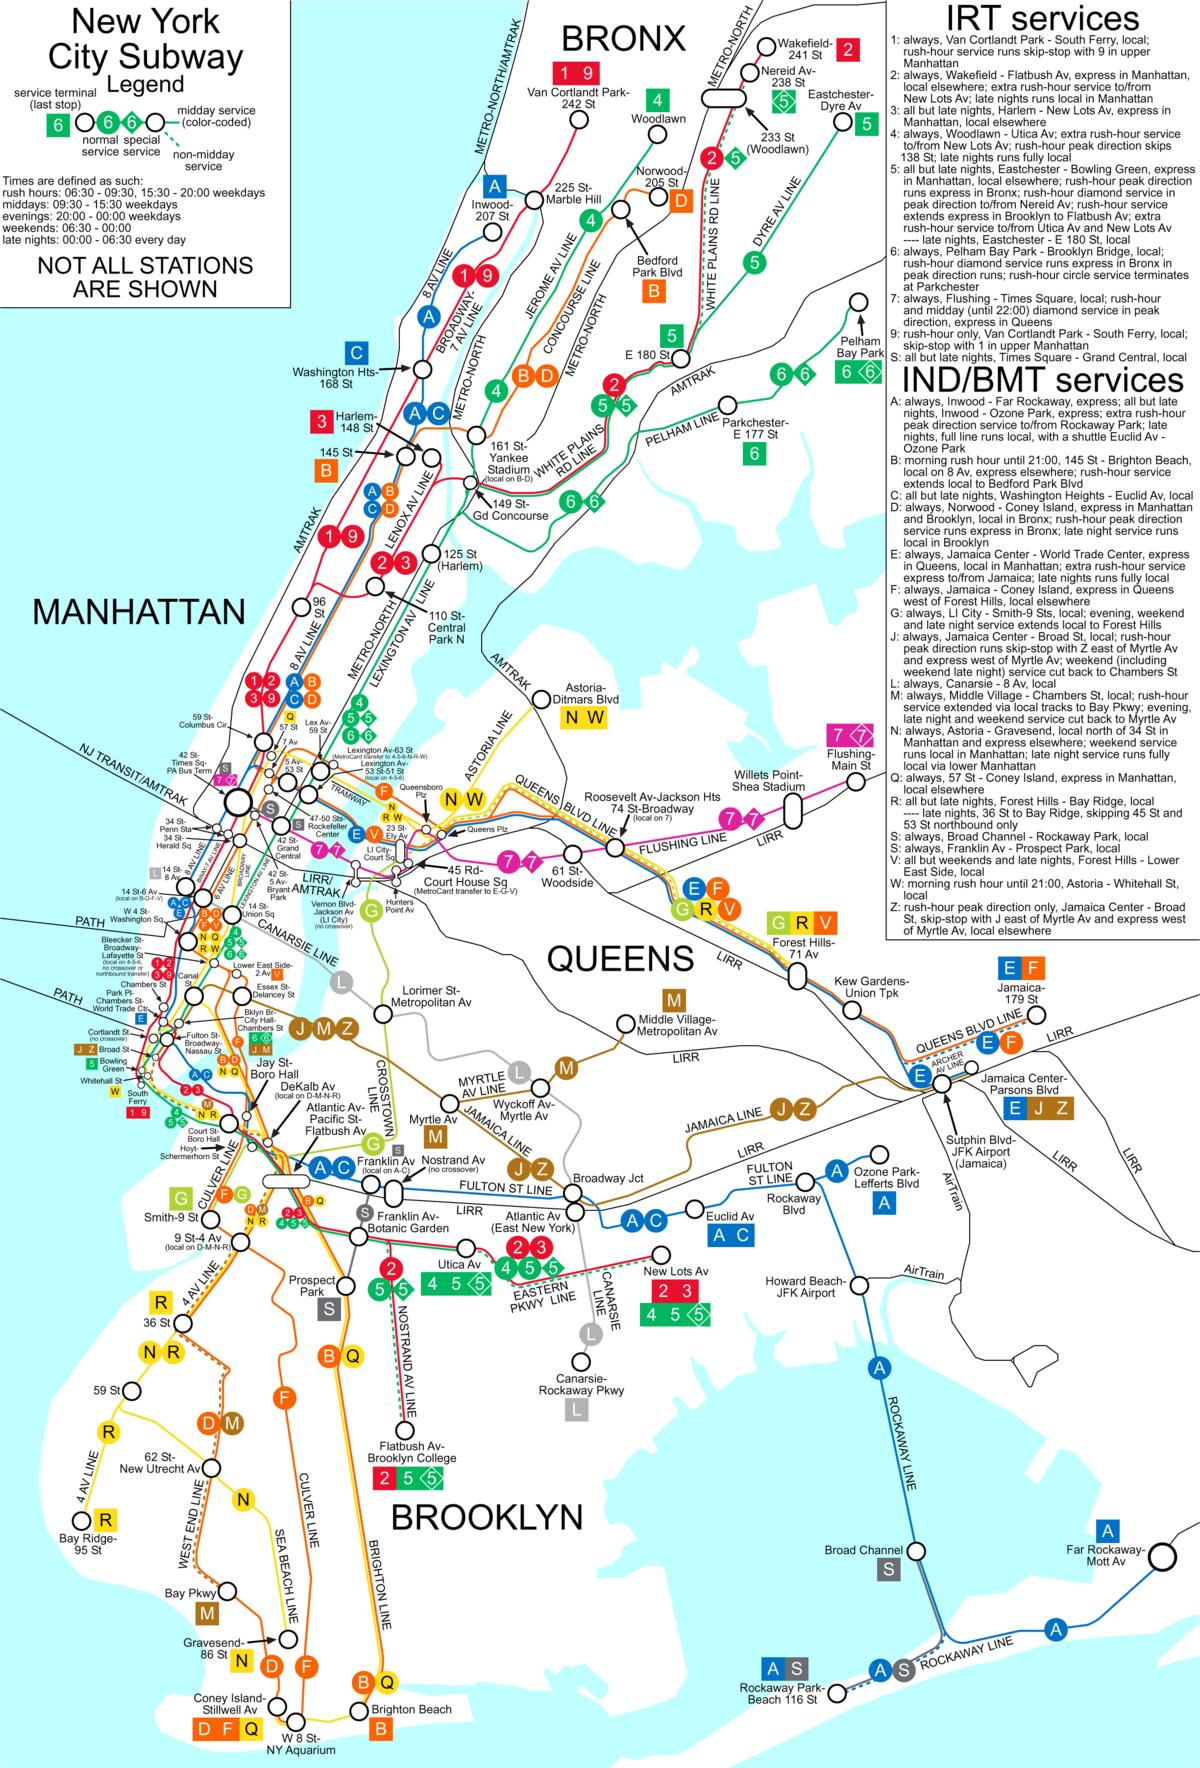 New York City Subway's skip-stop 9 service to make its last run May Printable Nyc Subway Map on